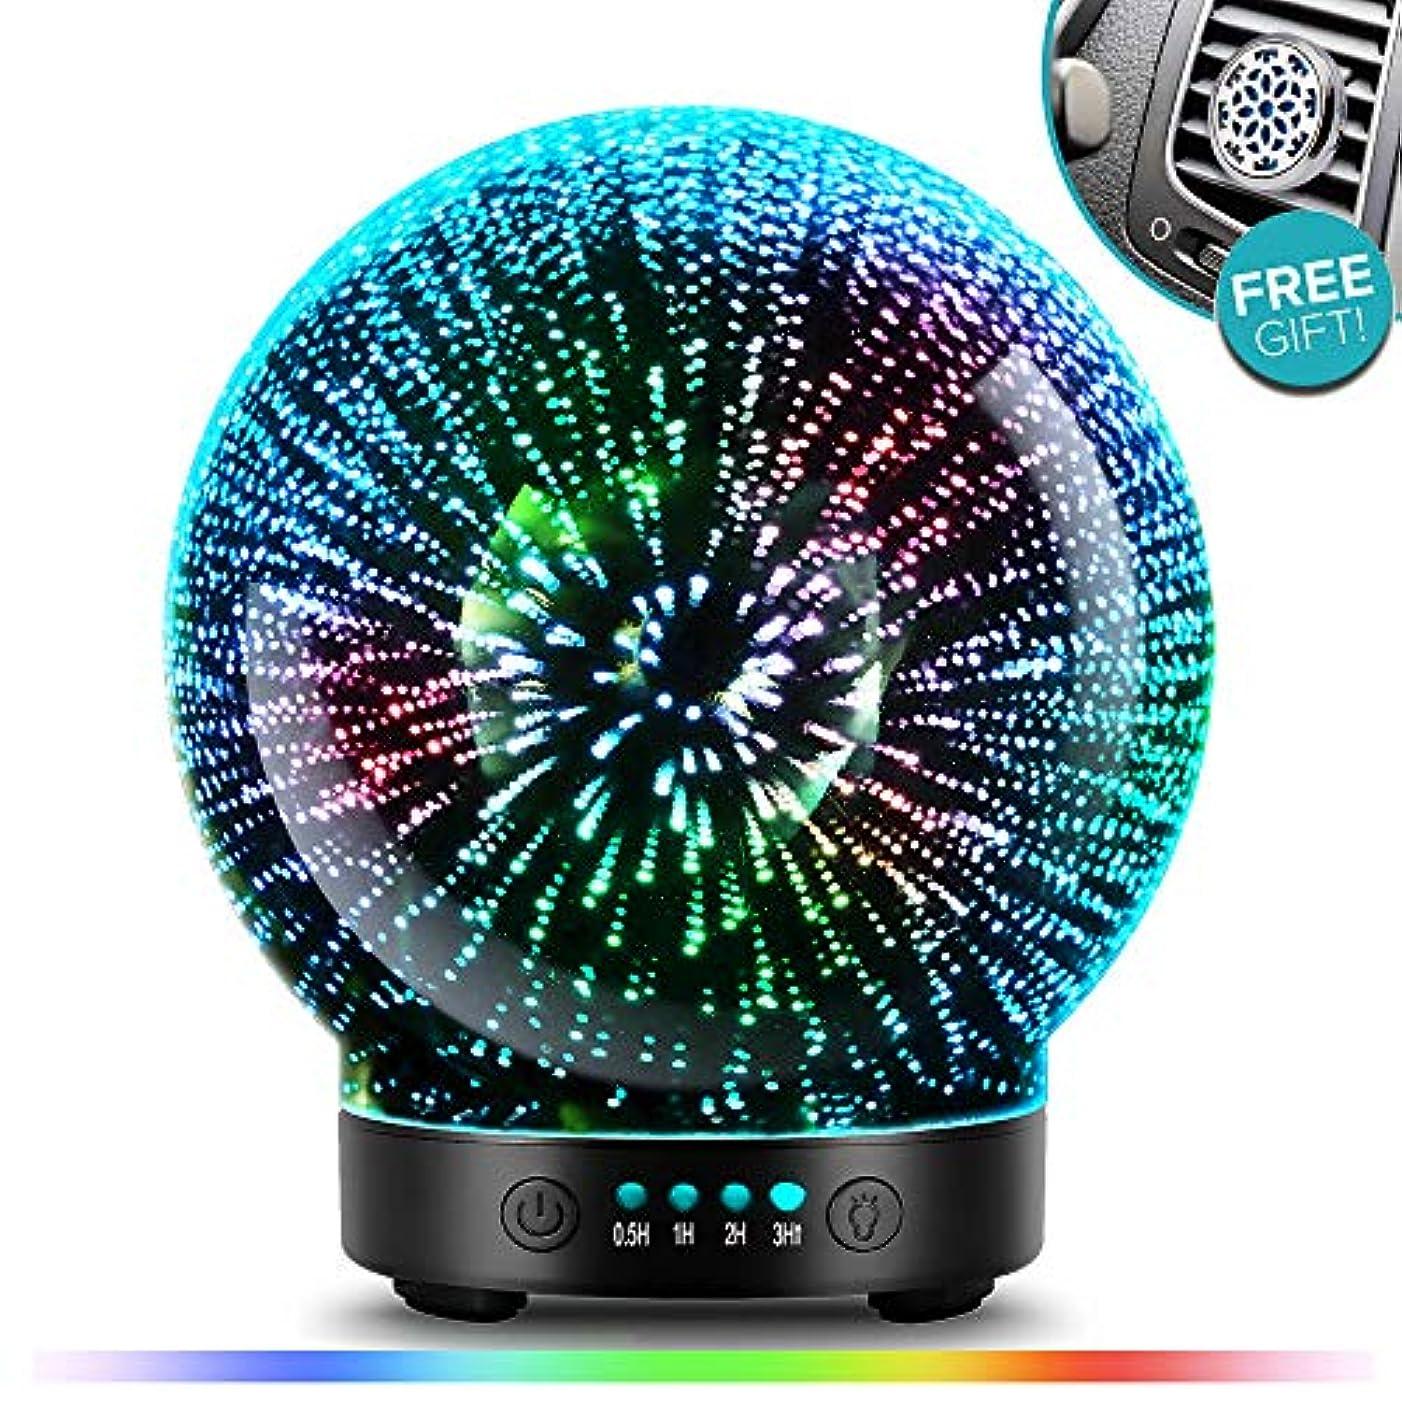 ラジカル出来事型POBEES 3グラスアロマエッセンシャルオイルディフューザー - 最新バージョン 香り オイル加湿器7 花火 テーマプレミアム超音波ミスト自動オフ安全スイッチカーベントクリップカラー照明モードを主導